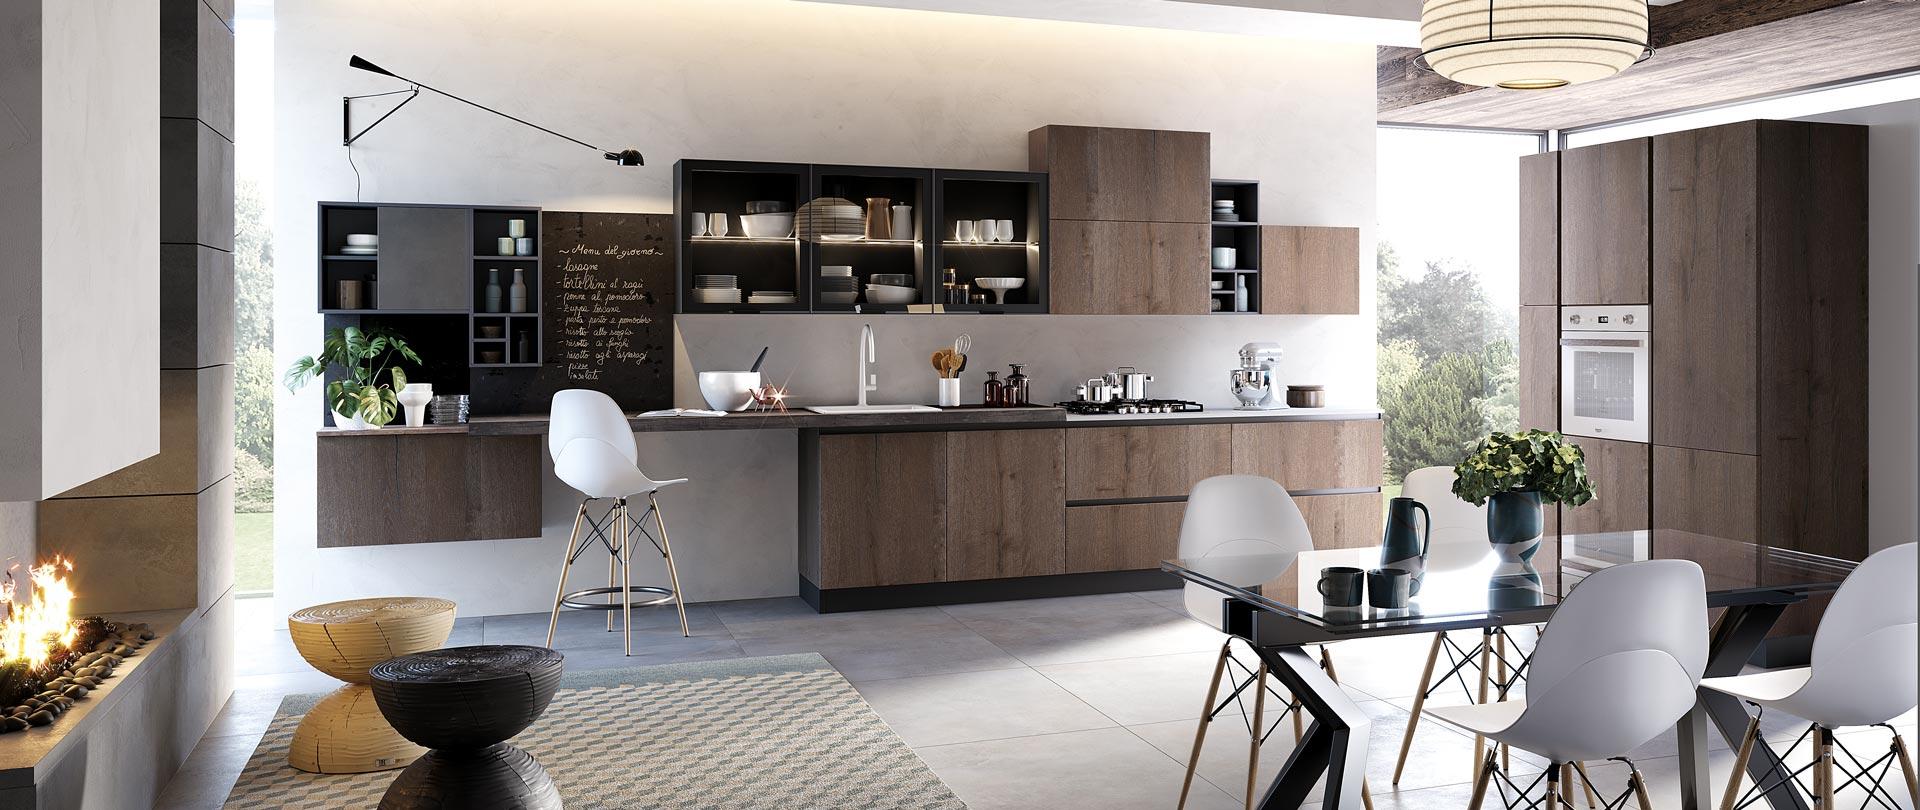 02-cucina-moderna-nala-rovere-terra